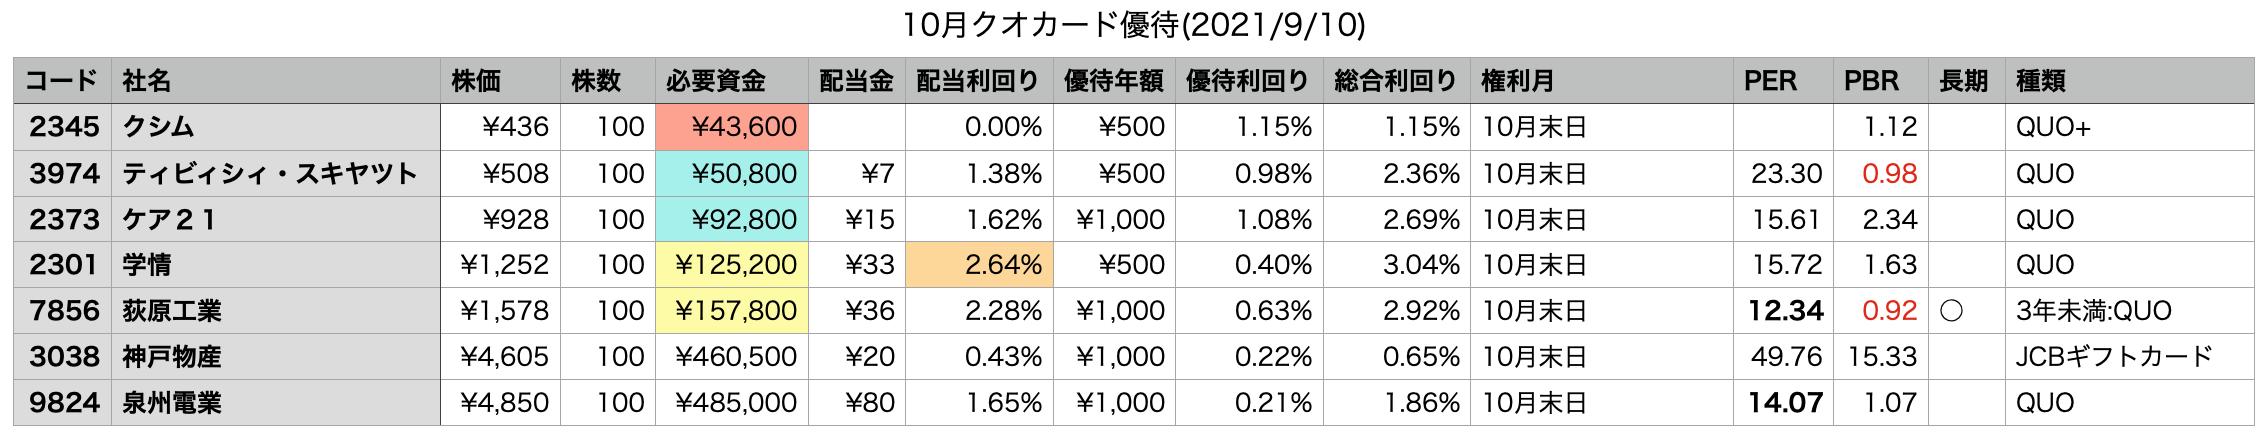 スクリーンショット 2021-09-11 14.53.25